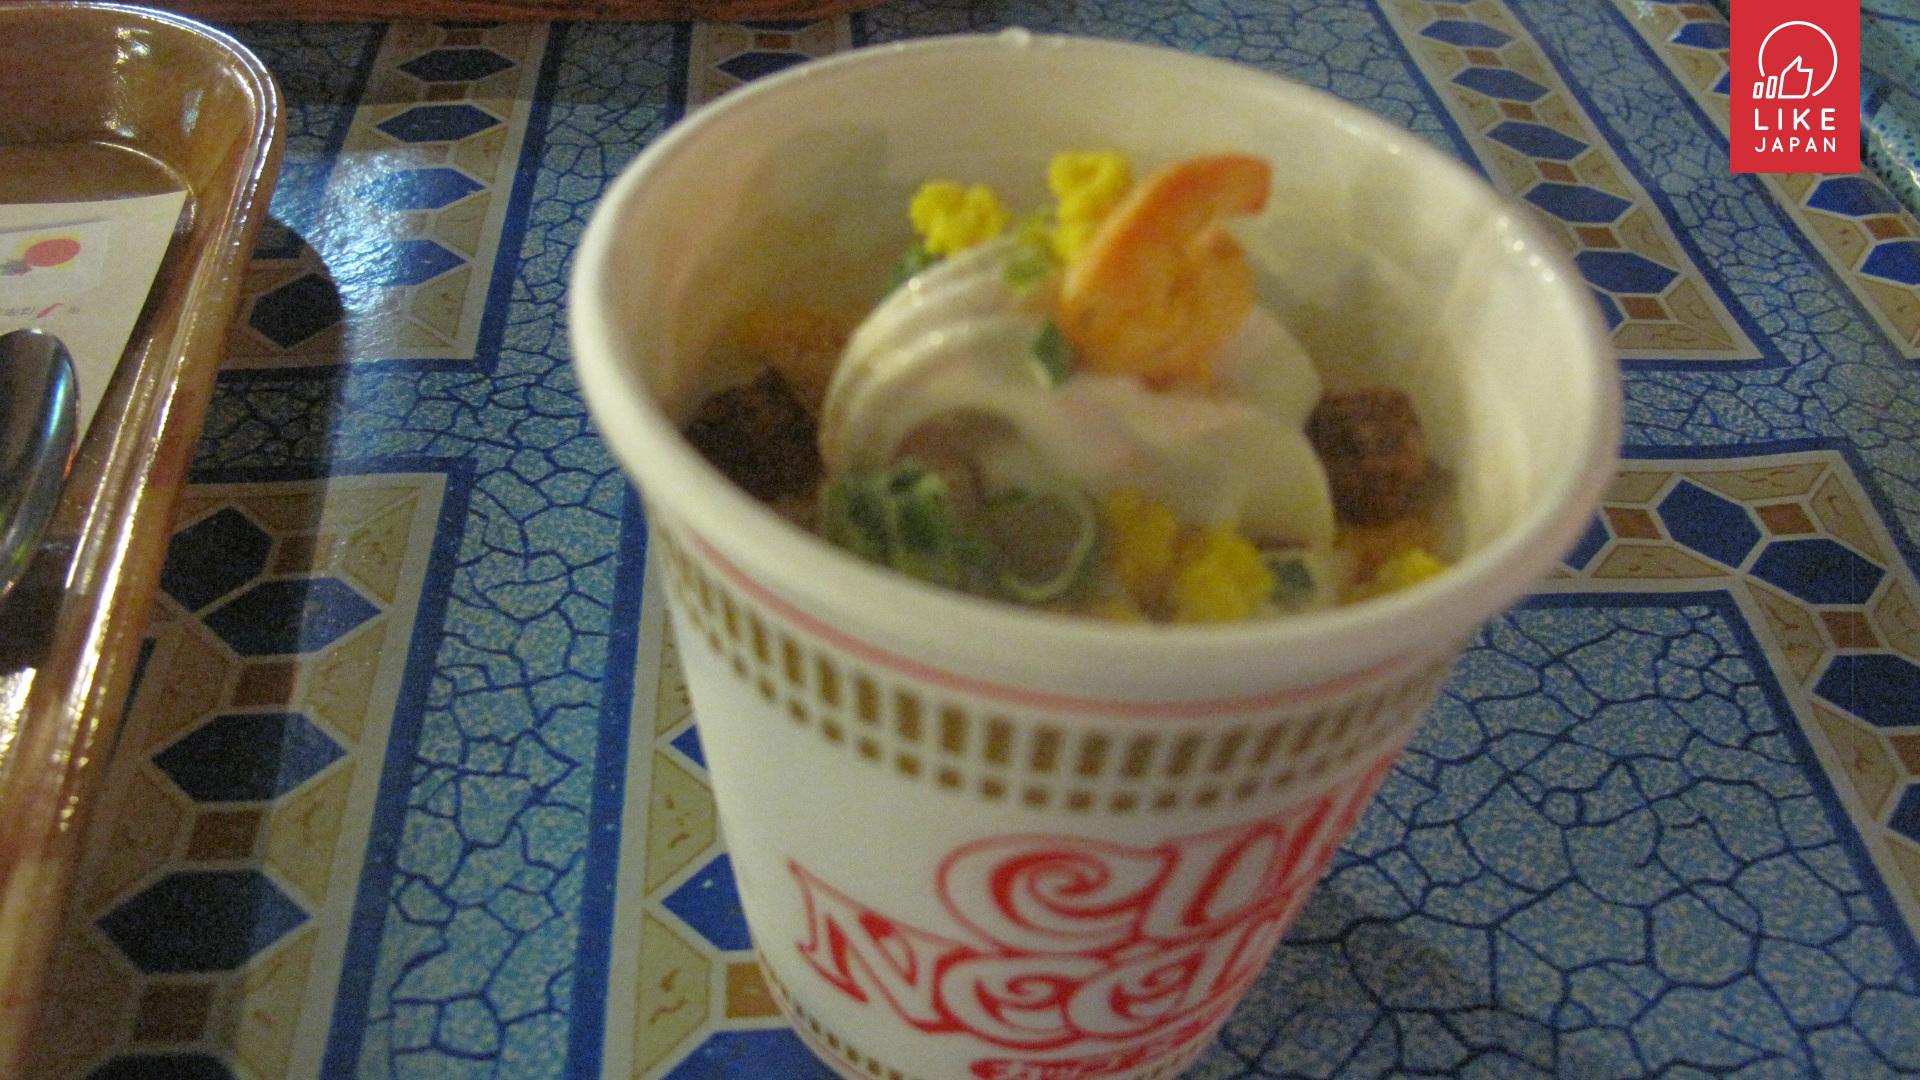 中西合璧的多元市鎮橫濱:吃喝玩樂一整天